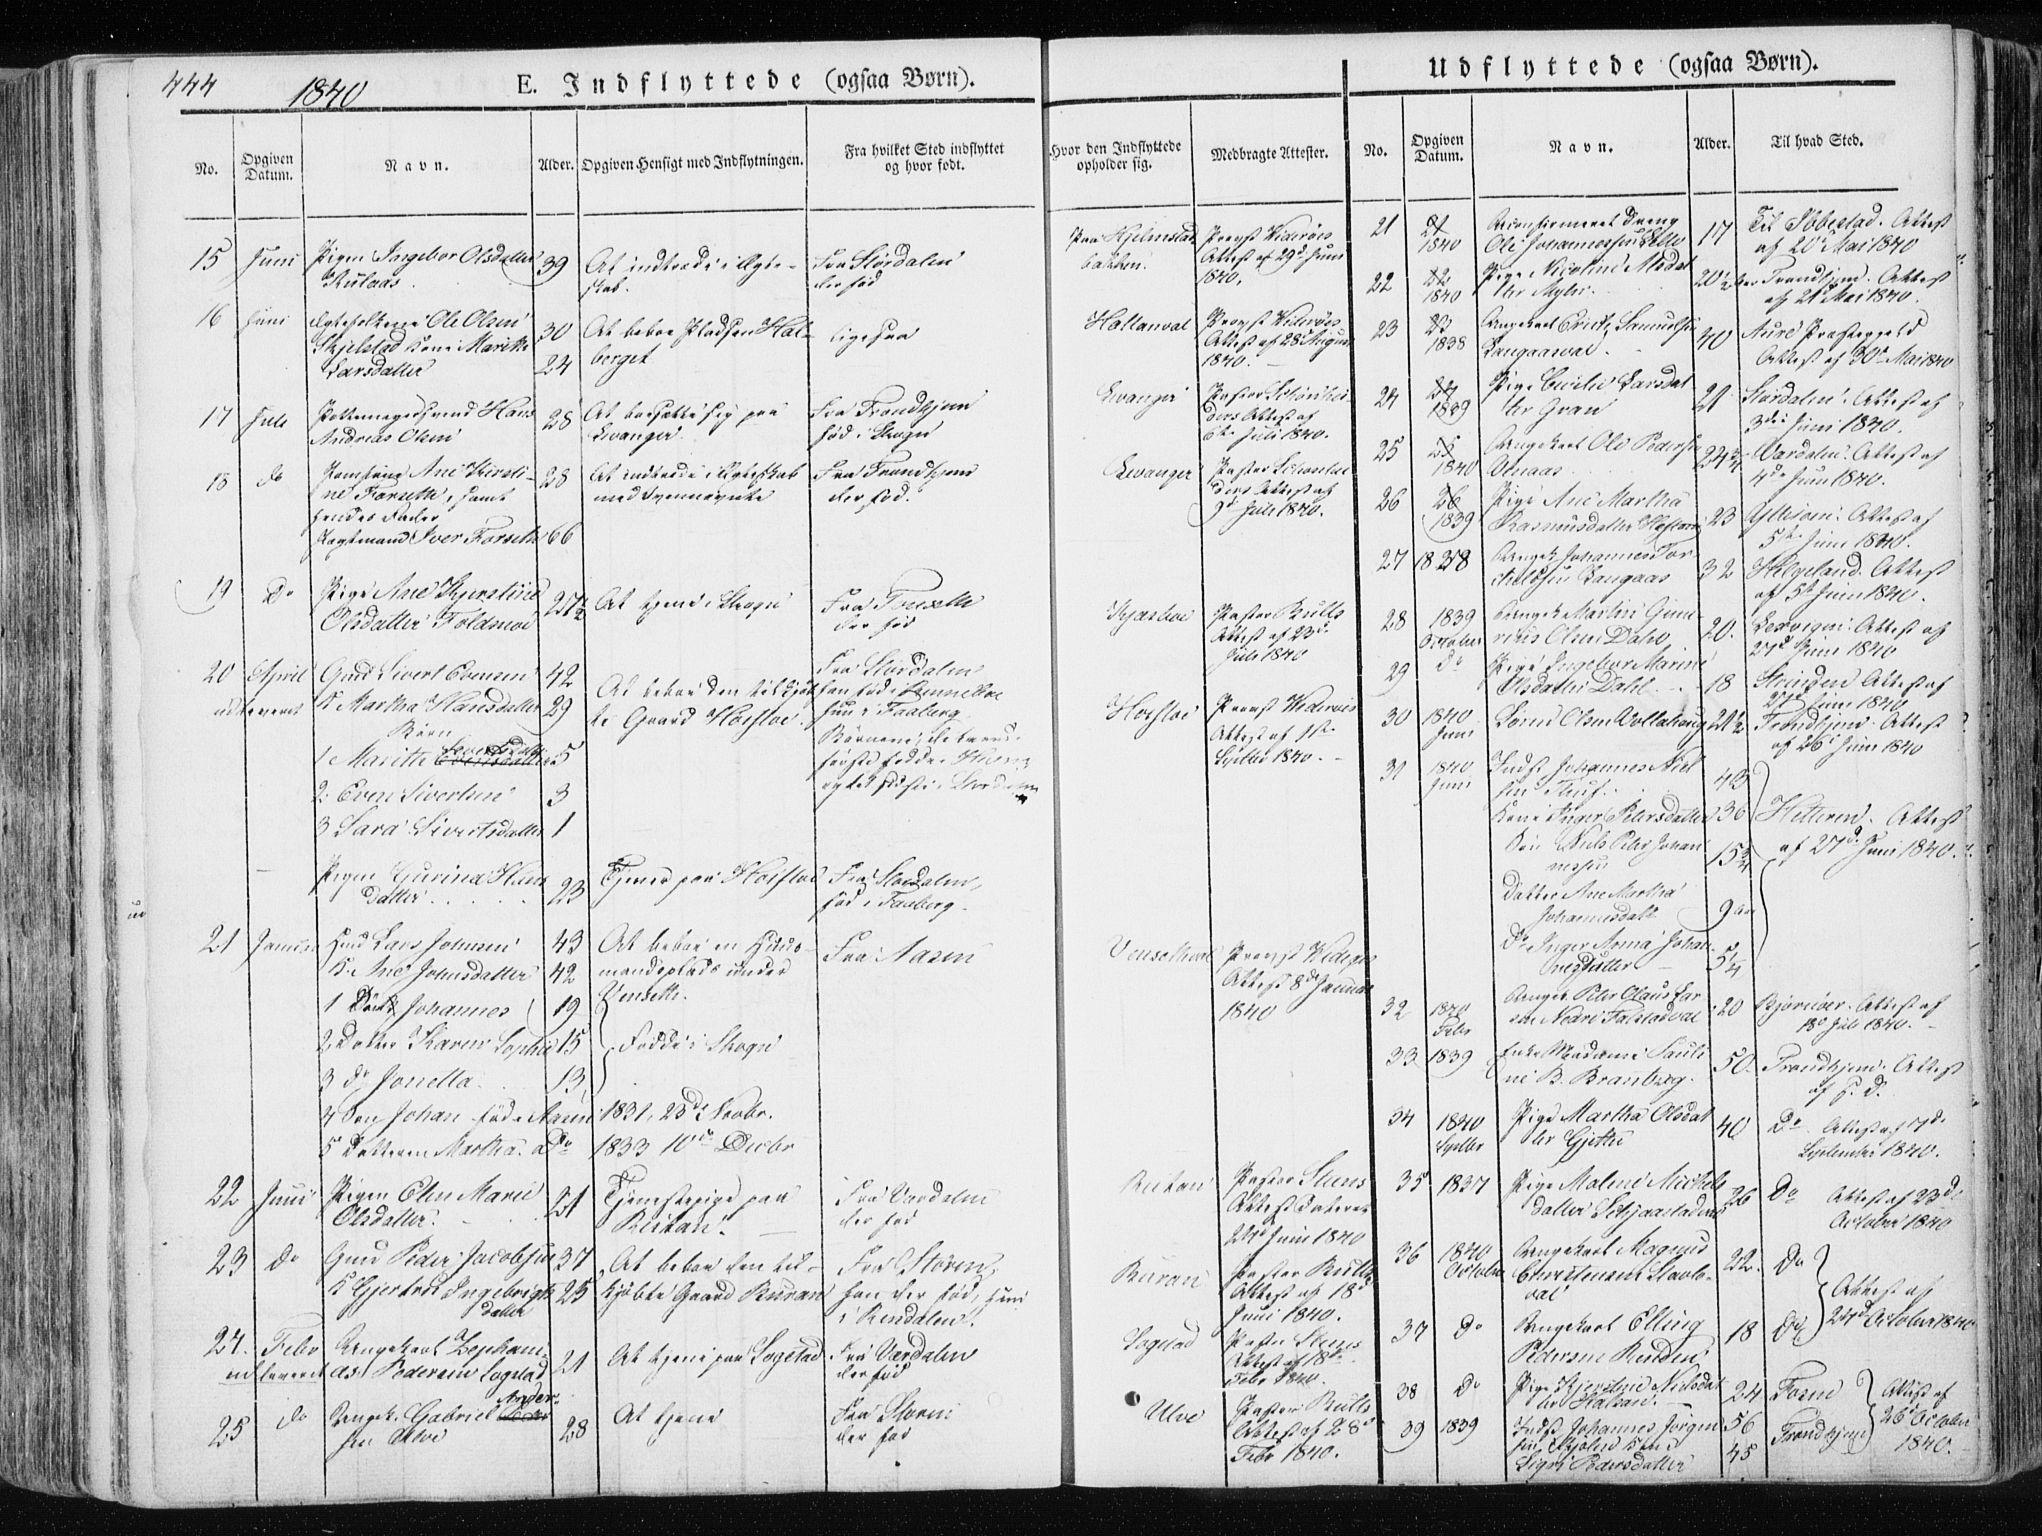 SAT, Ministerialprotokoller, klokkerbøker og fødselsregistre - Nord-Trøndelag, 717/L0154: Ministerialbok nr. 717A06 /1, 1836-1849, s. 444